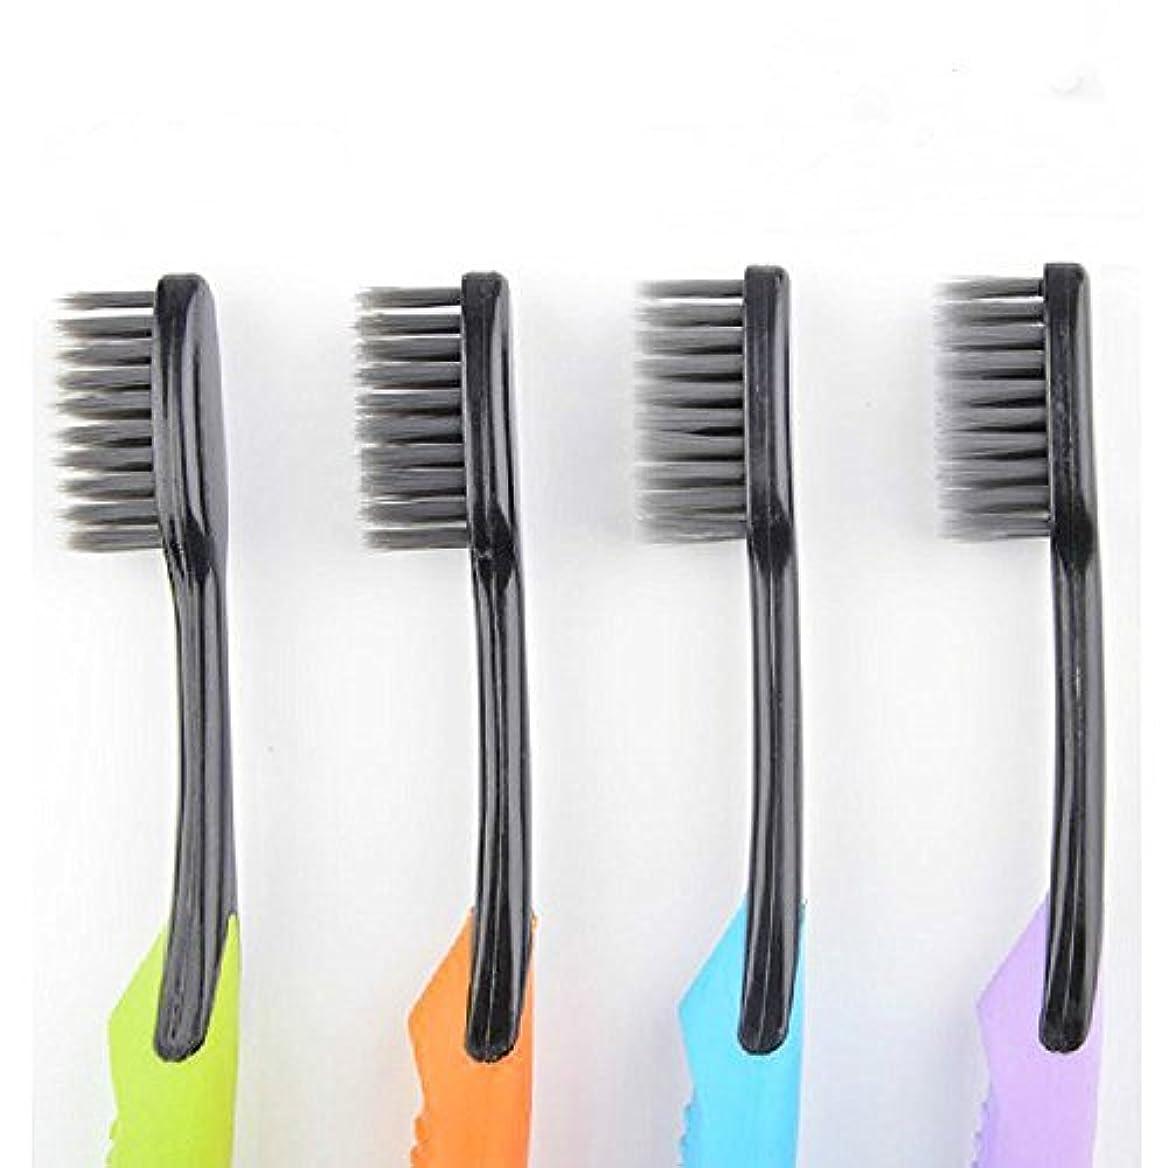 身元セクタ時間Cand Ultra Soft Adult Toothbrush, Bamboo Charcoal Bristle, Pack of 4 by Cand